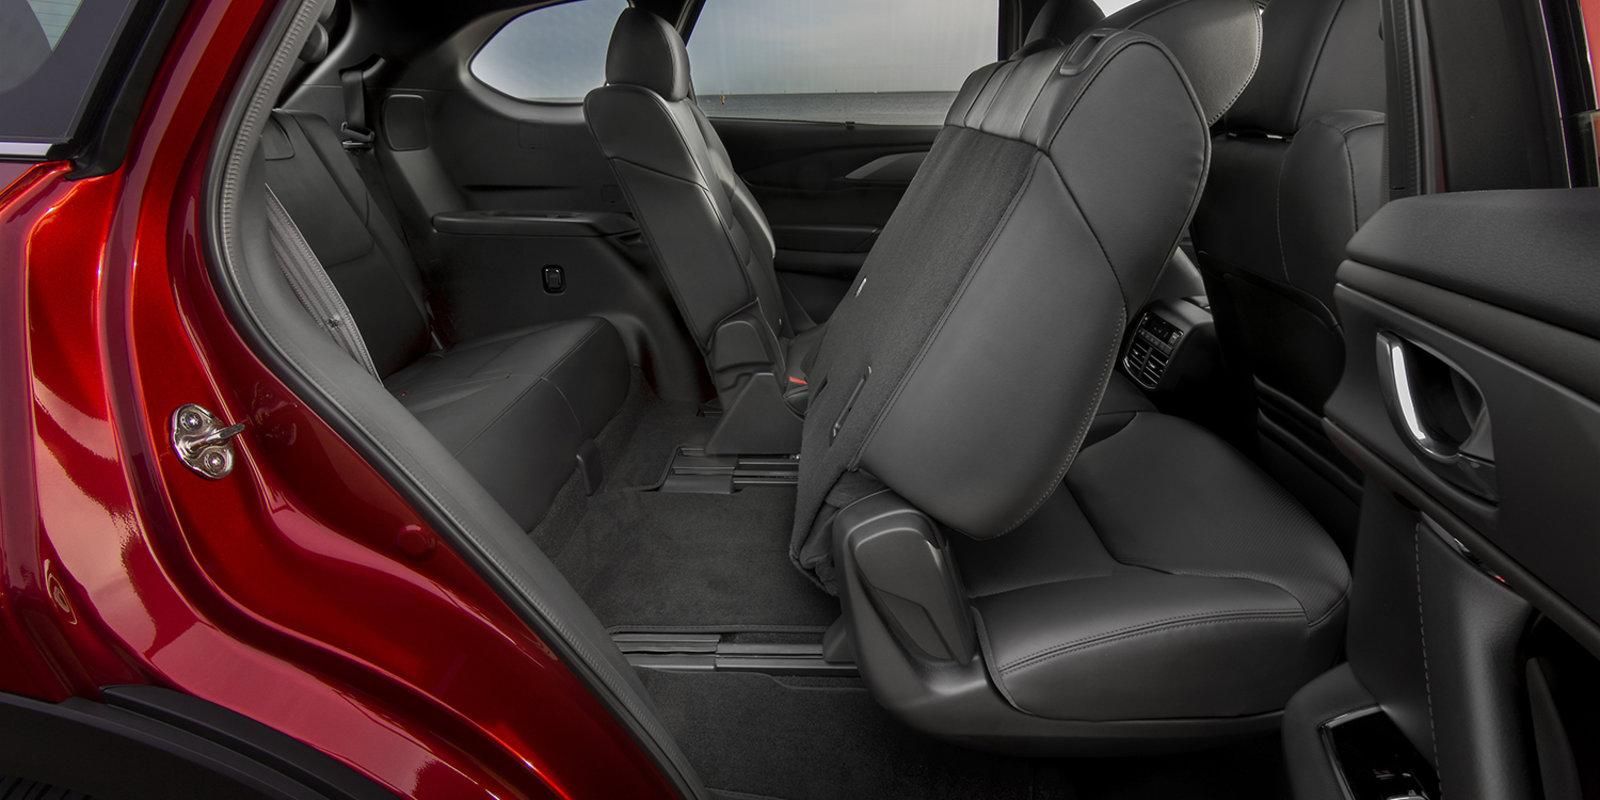 2019 Mazda CX-9 2